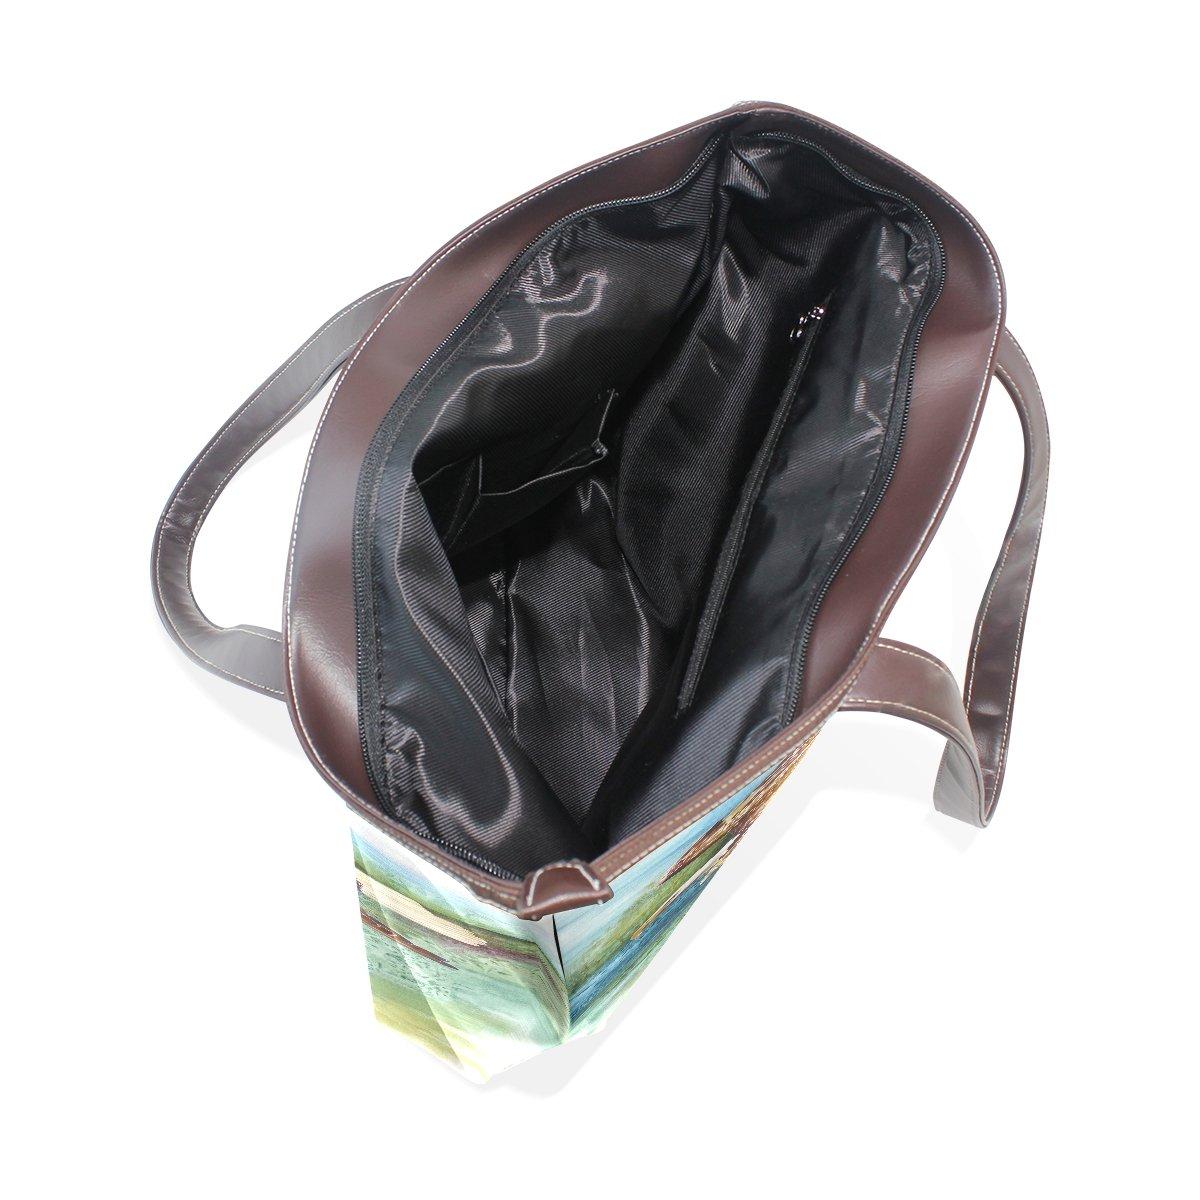 Mr.Weng Household Eagle Lady Handbag Tote Bag Zipper Shoulder Bag